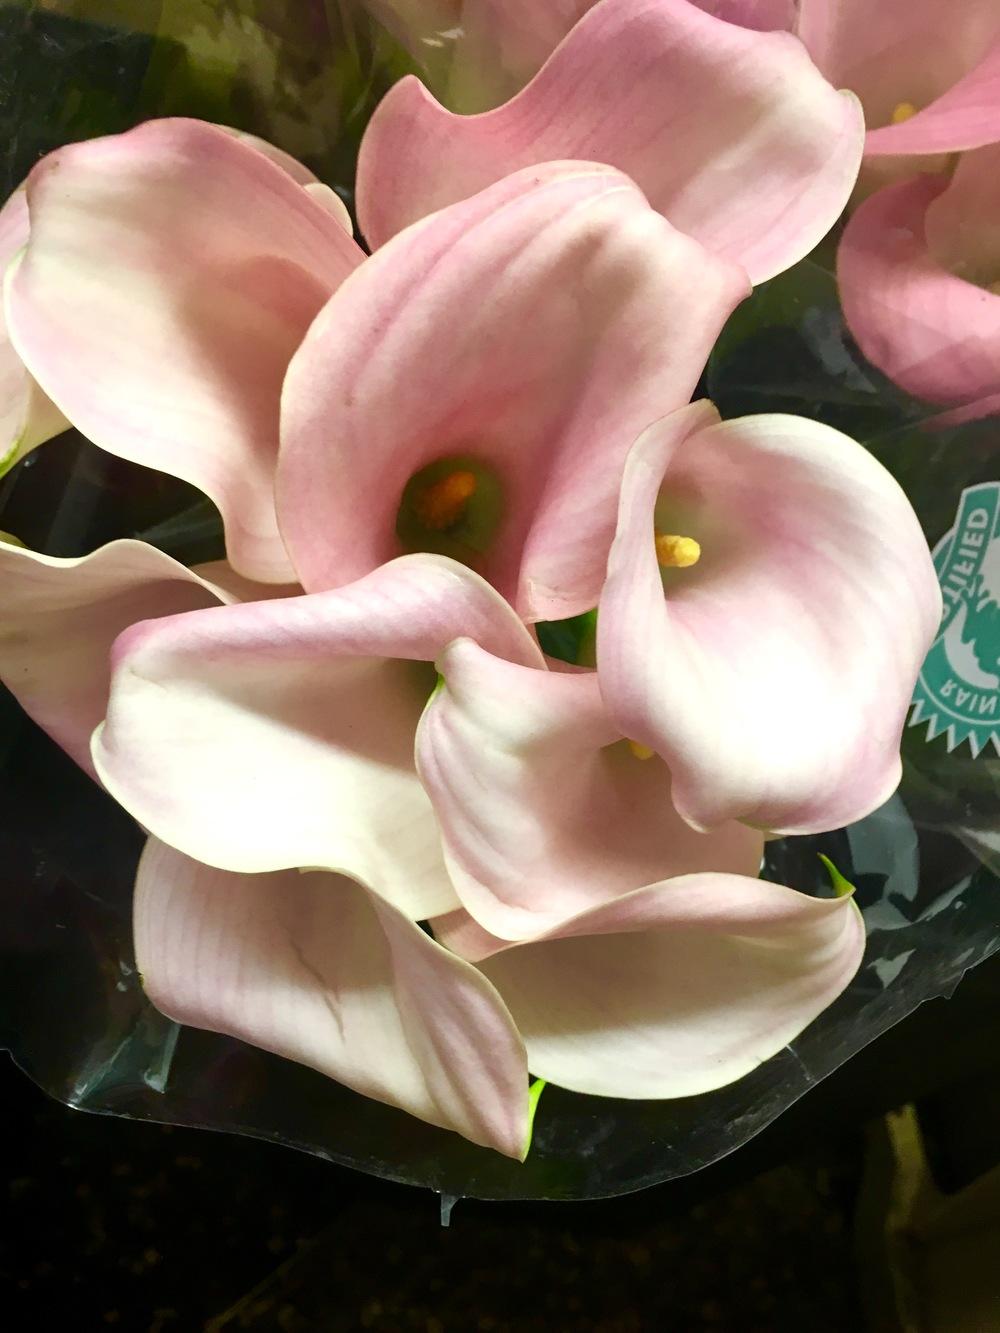 NYC Flower Market's Best - Dutch Flower Line